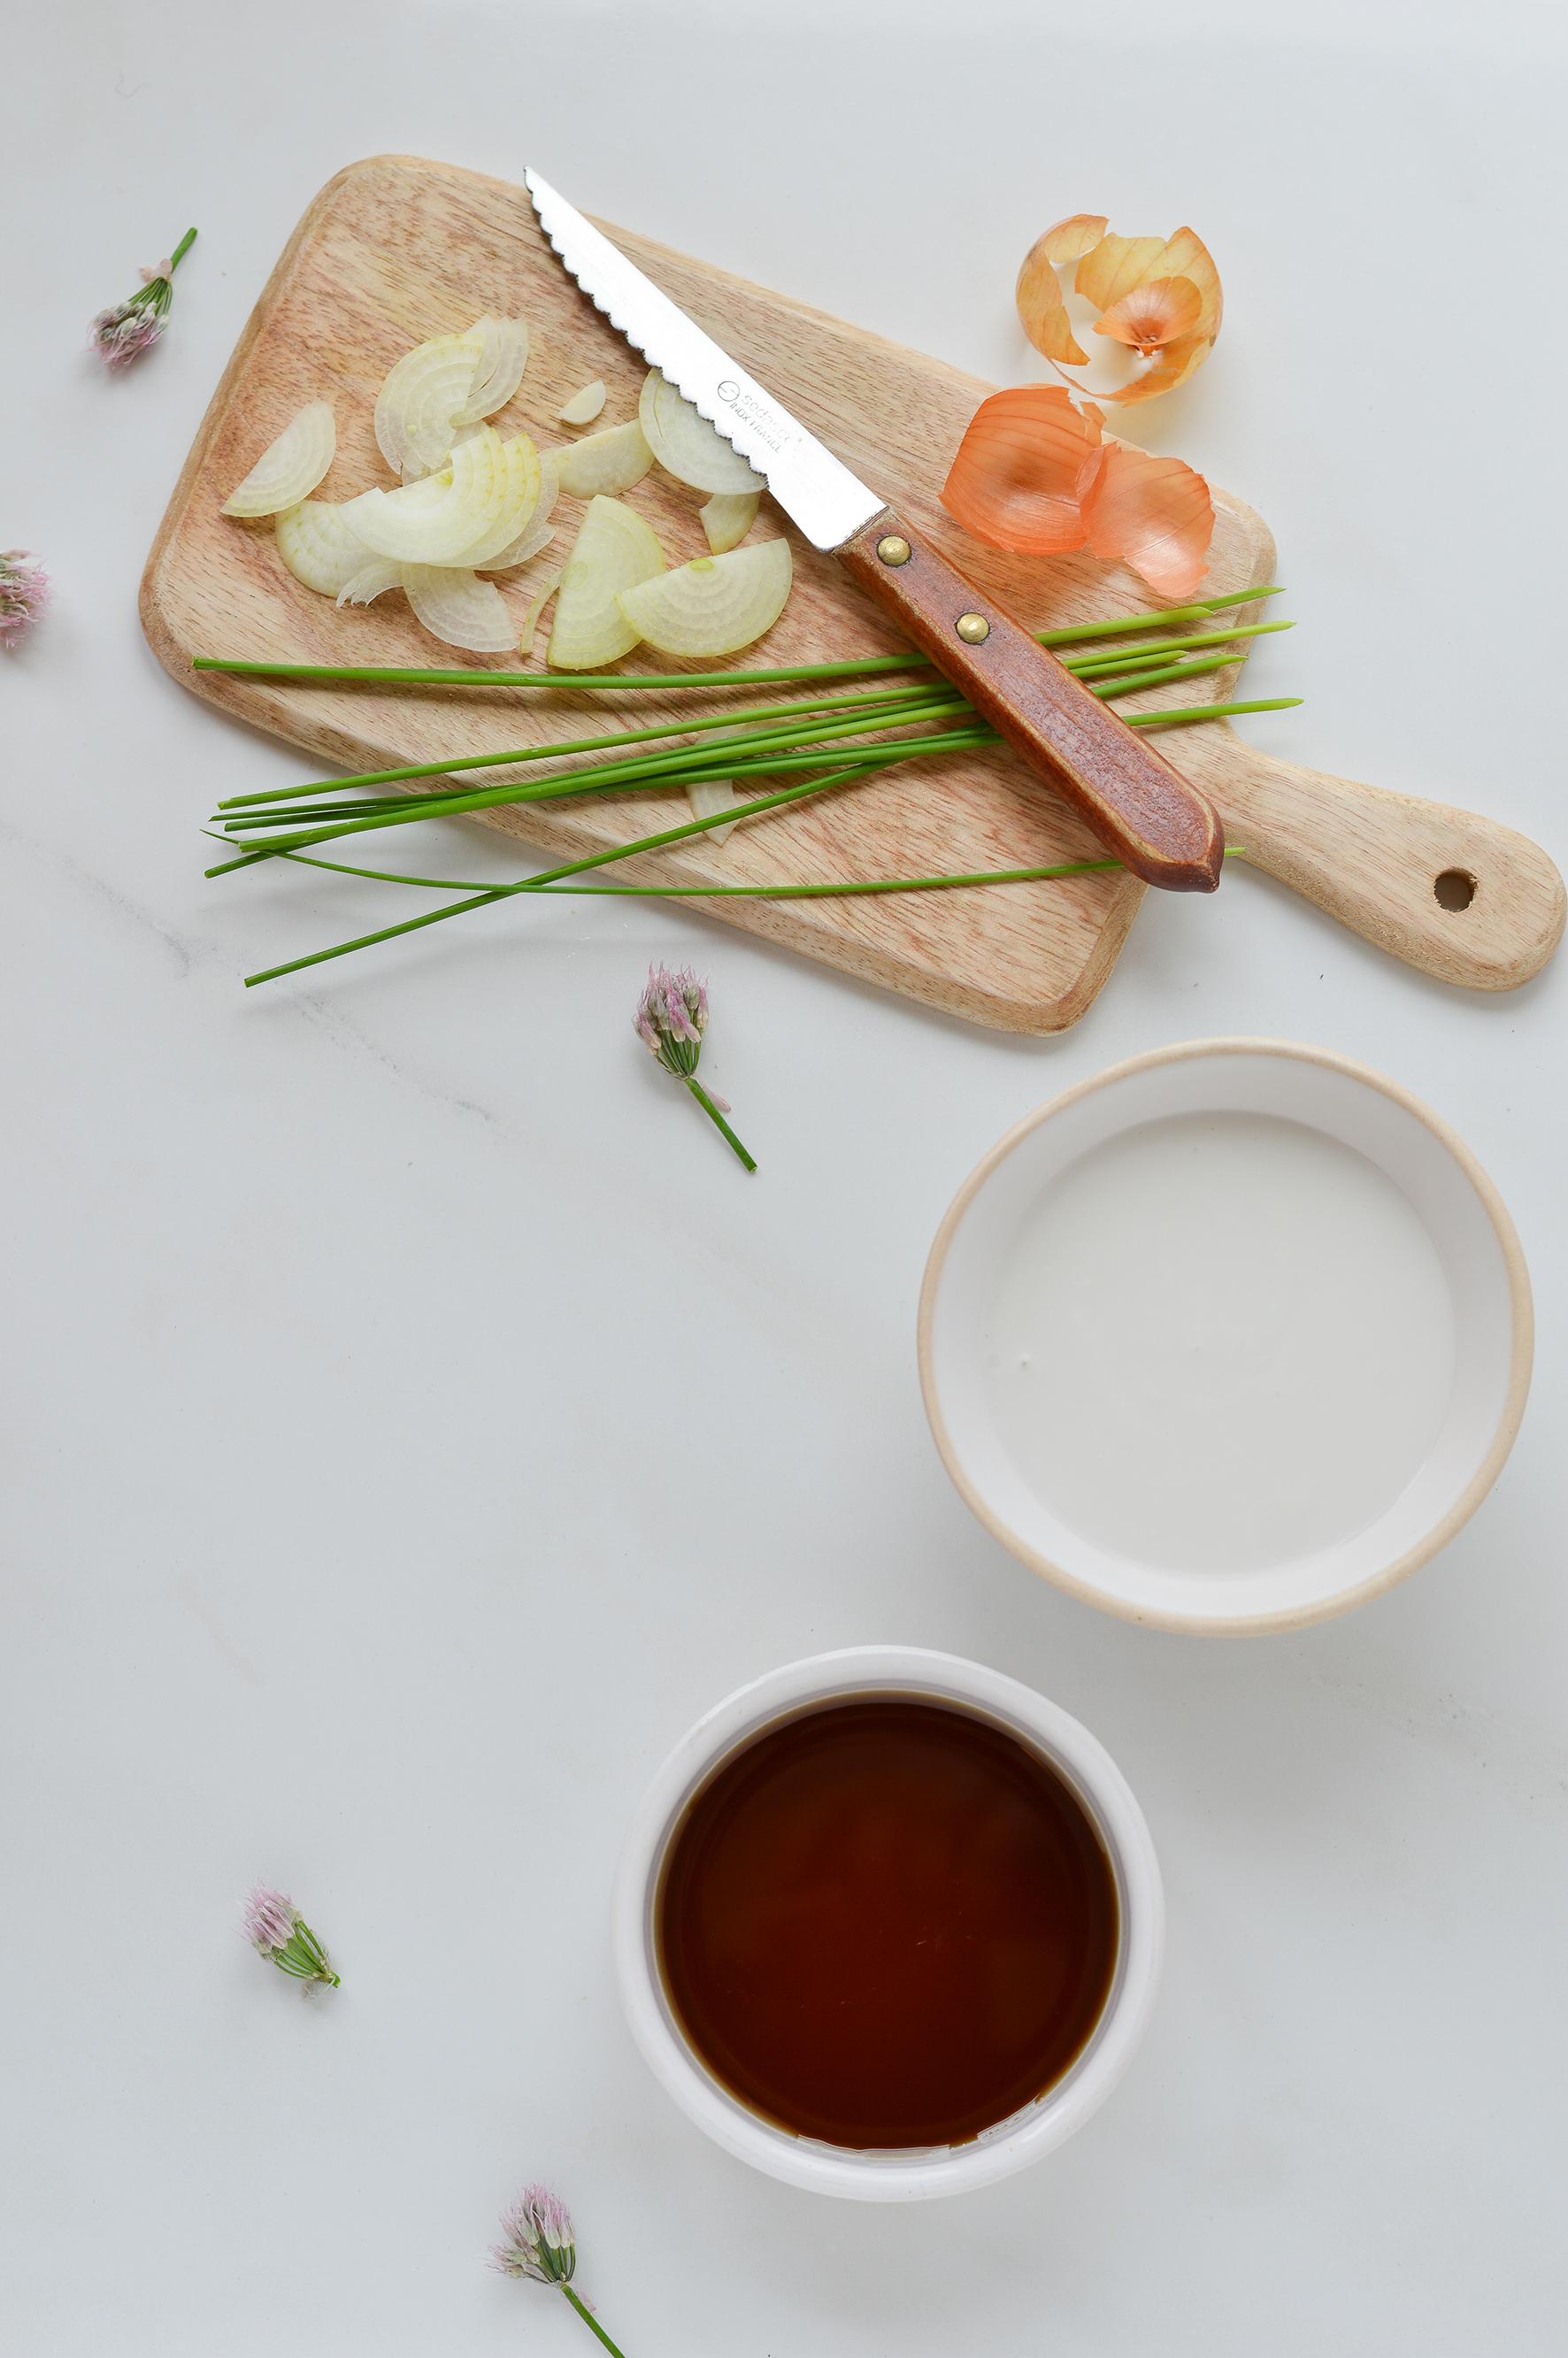 Patate douce lait de coco - Plus une miette dans l'assiette